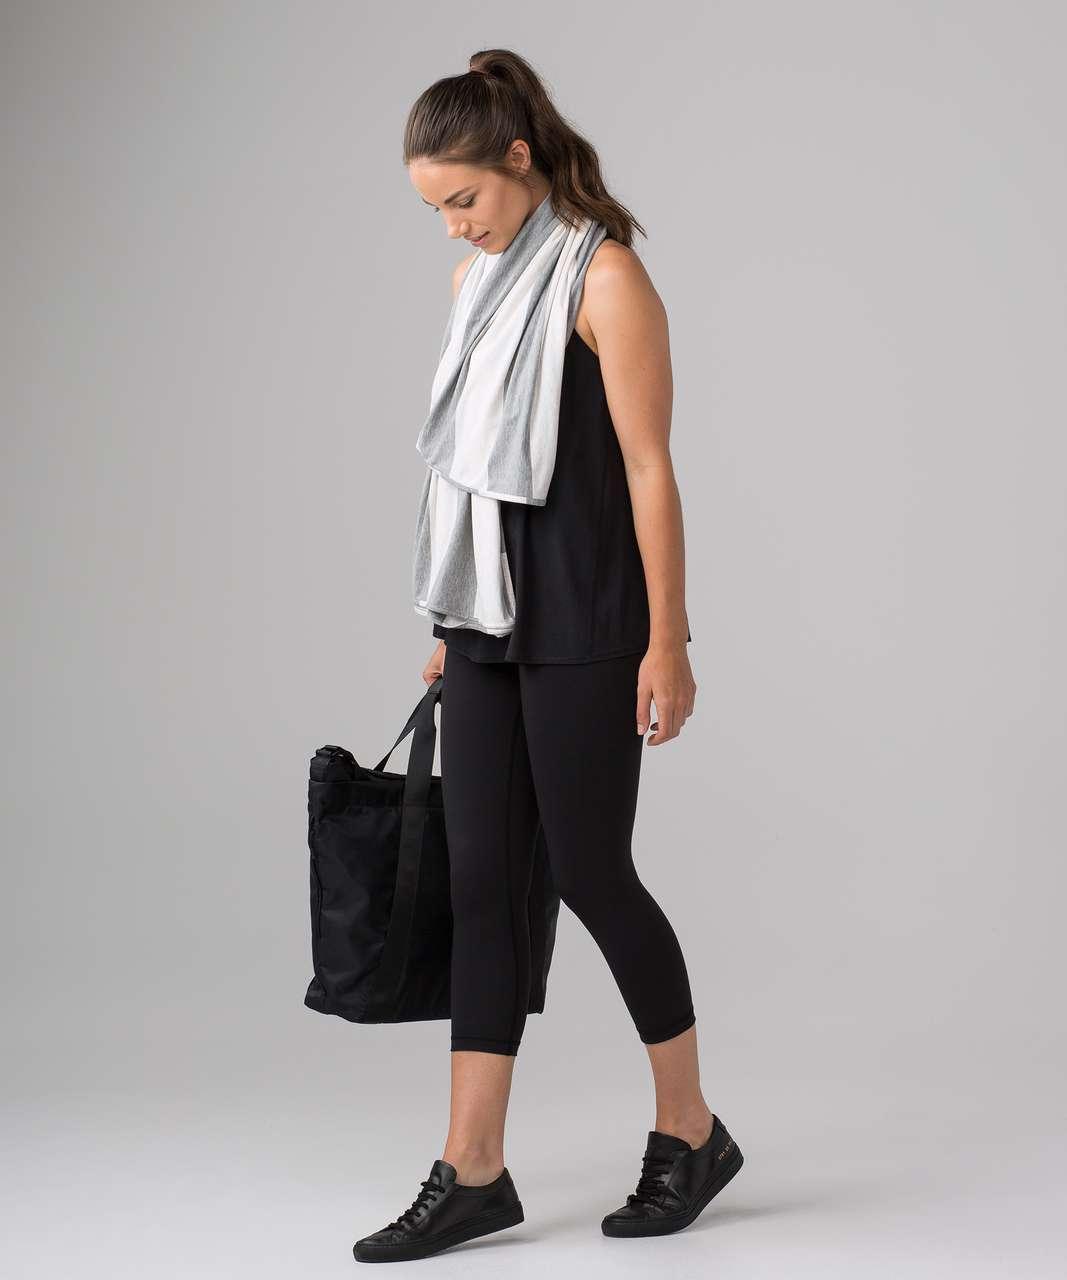 Lululemon Sage Scarf (Cotton) - Bold Stripe Heathered Medium Grey Heathered Angel White